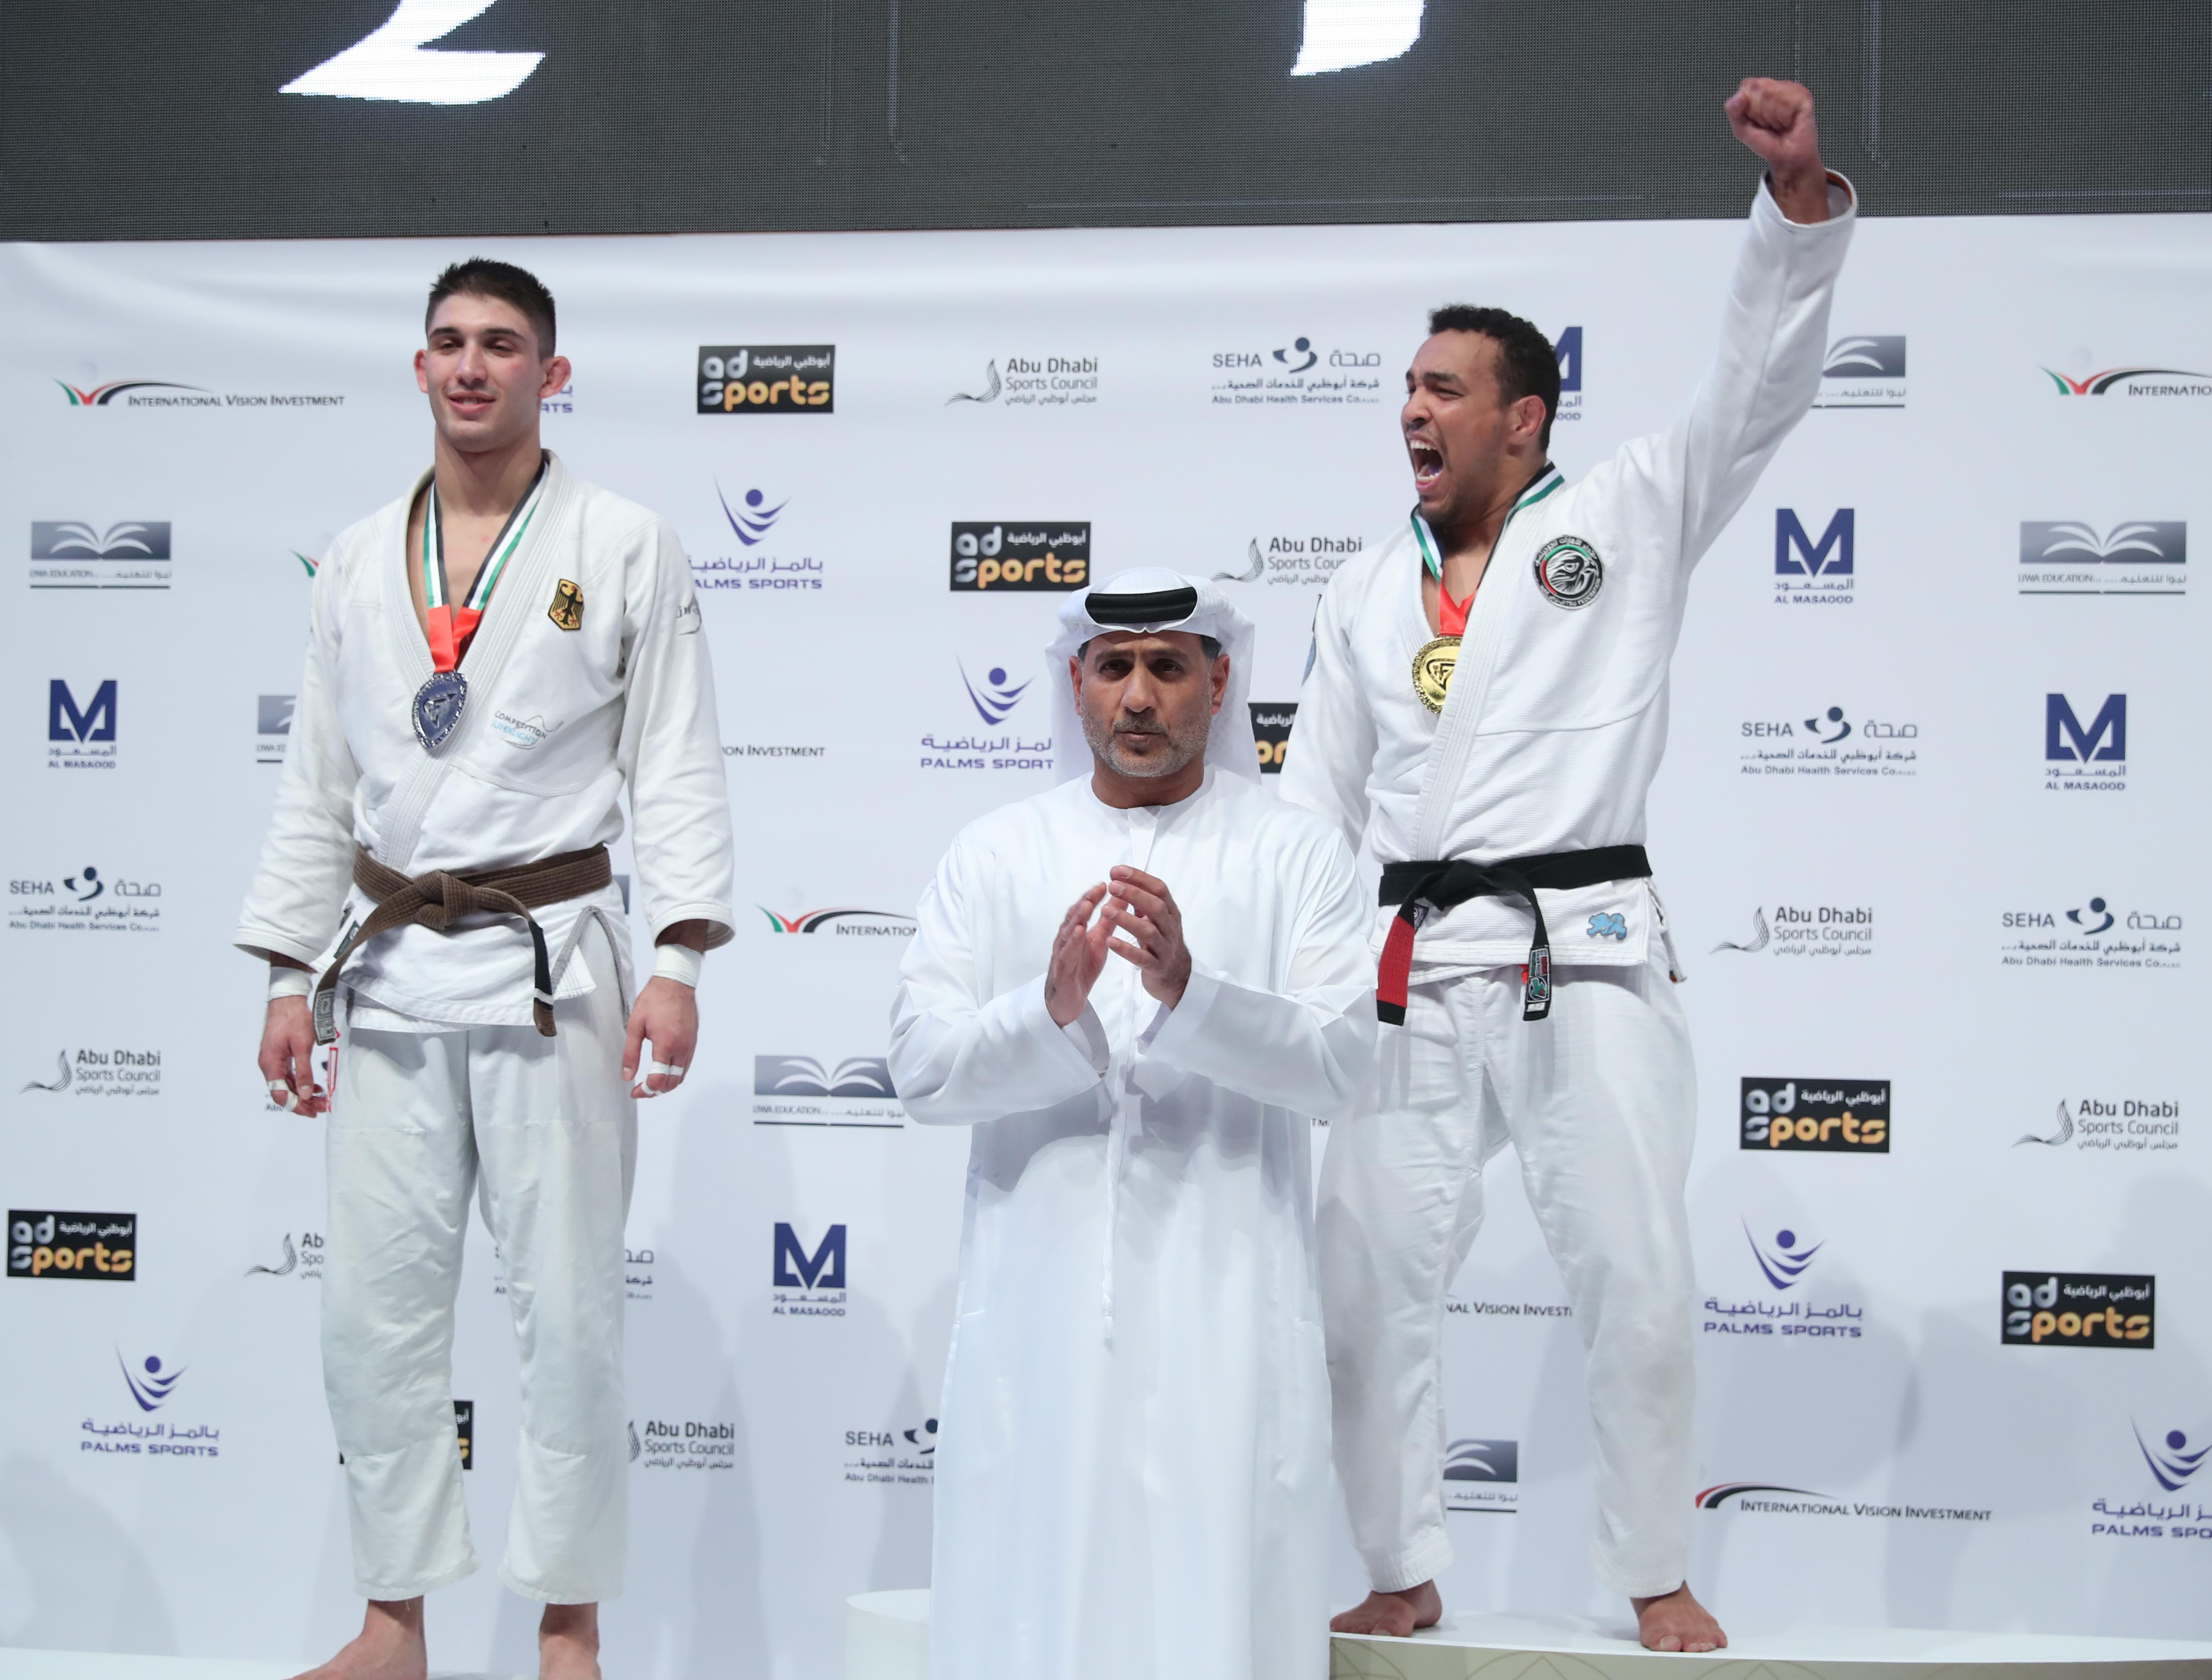 فيصل الكتبي يحرز ذهبية بطولة العالم للجوجيتسو ويرفع رصيد الإمارات إلى 41 ميدالية